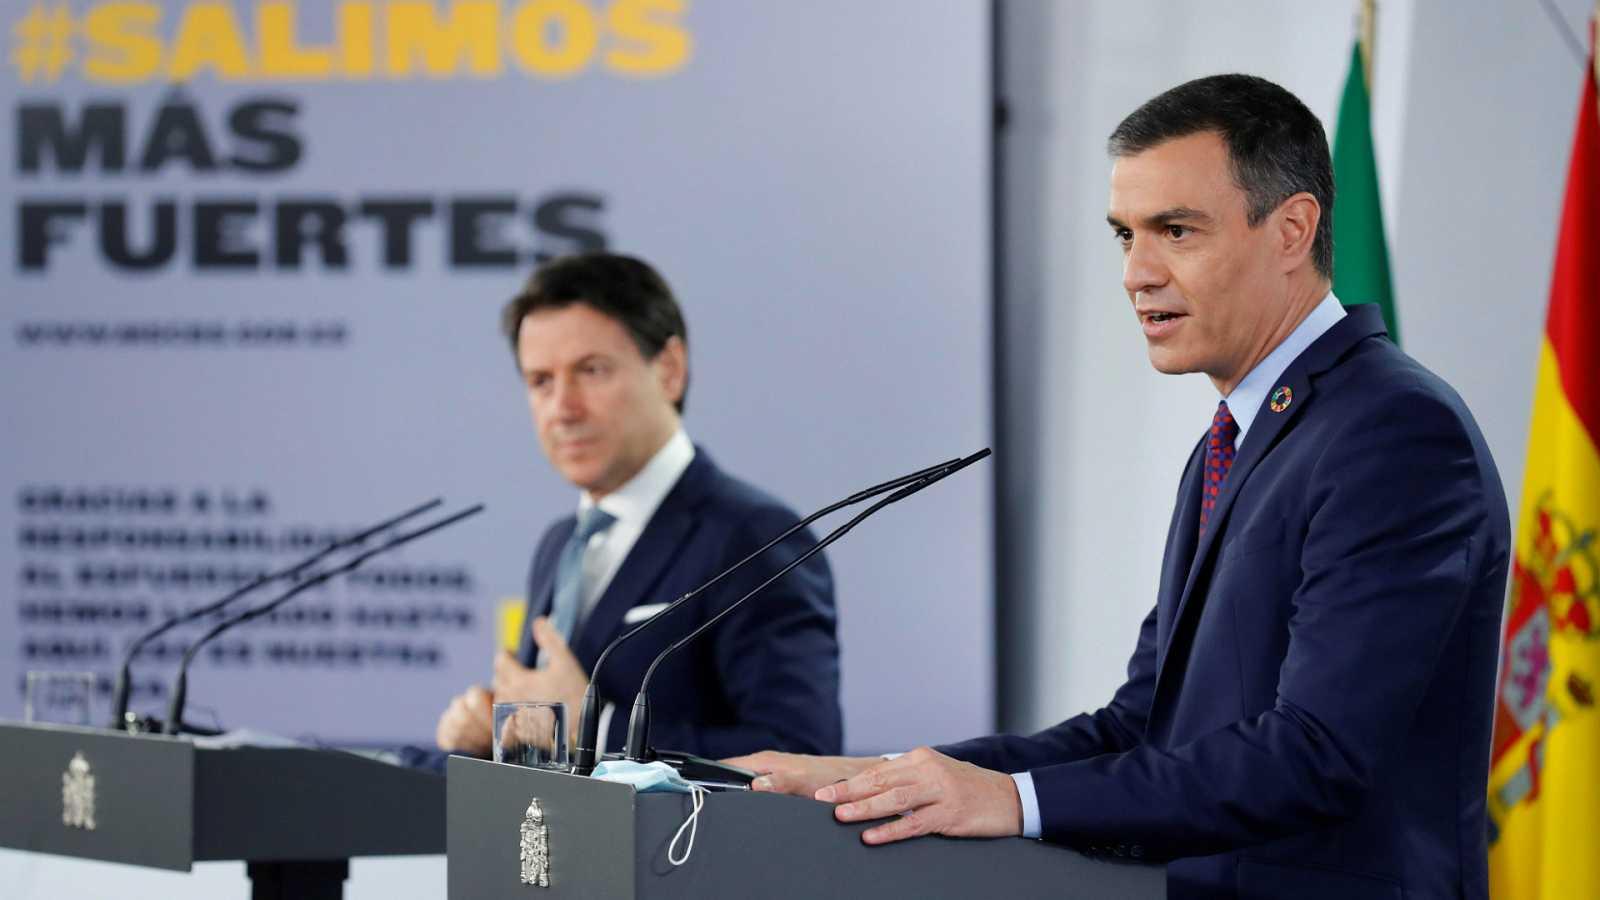 """14 horas - Sánchez considera """"inquietantes"""" las informaciones sobre Juan Carlos I: """"Nos perturban a todos"""" - Escuchar ahora"""